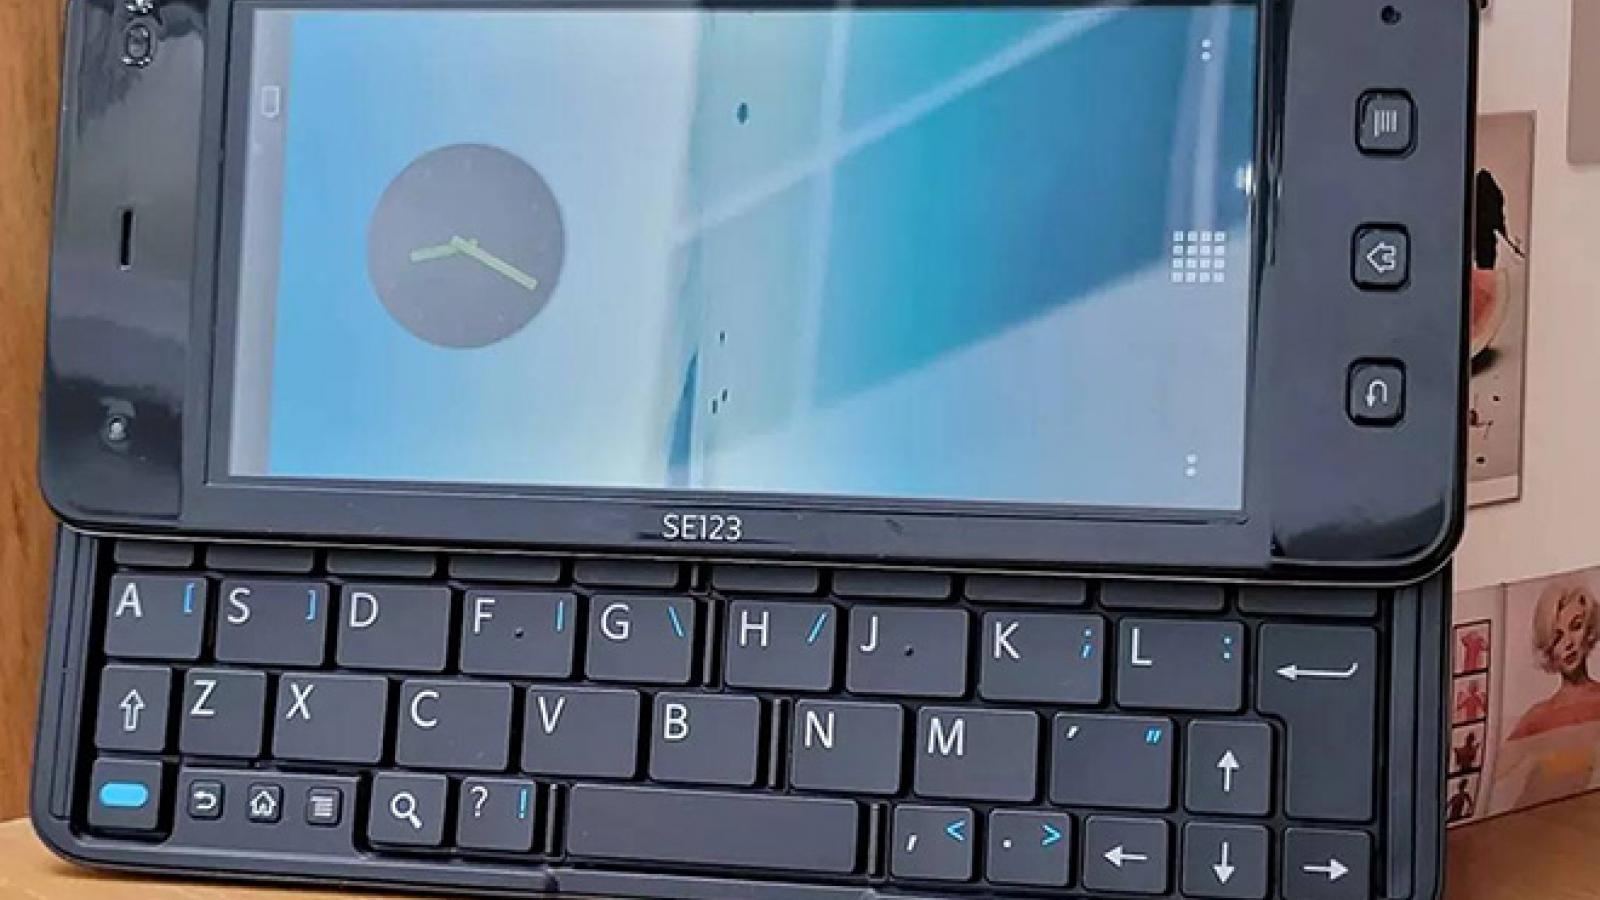 Chiếc điện thoại Sony Ericsson VAIO bất ngờ xuất hiện trở lại